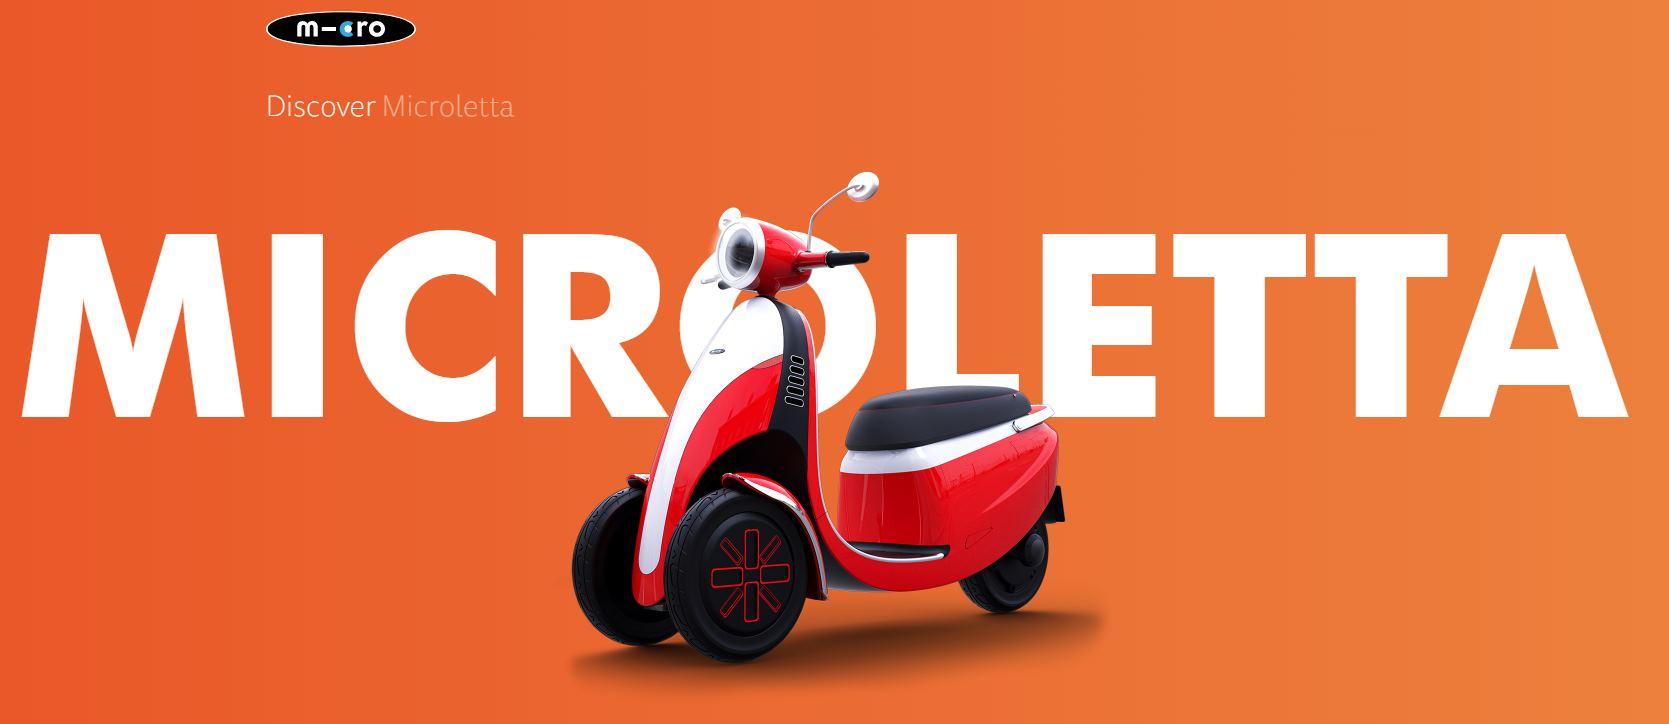 Microletta, un nuevo vehículo eléctrico que no necesita permiso de conducir